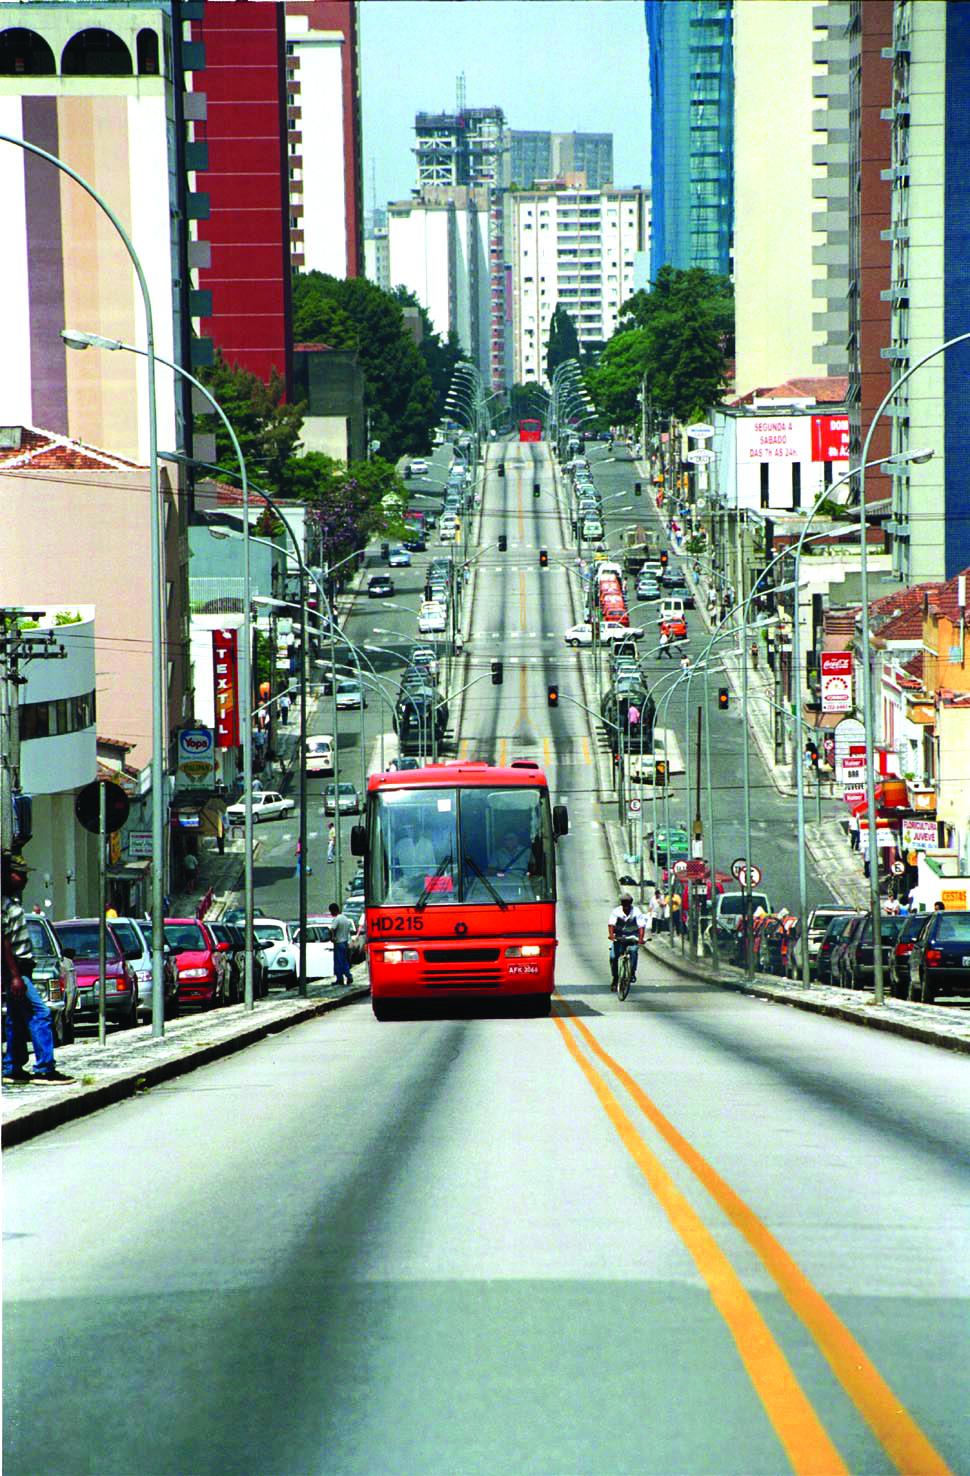 Setor Estrutural no bairro Juvevê - canaleta com ônibus expresso biarticulado